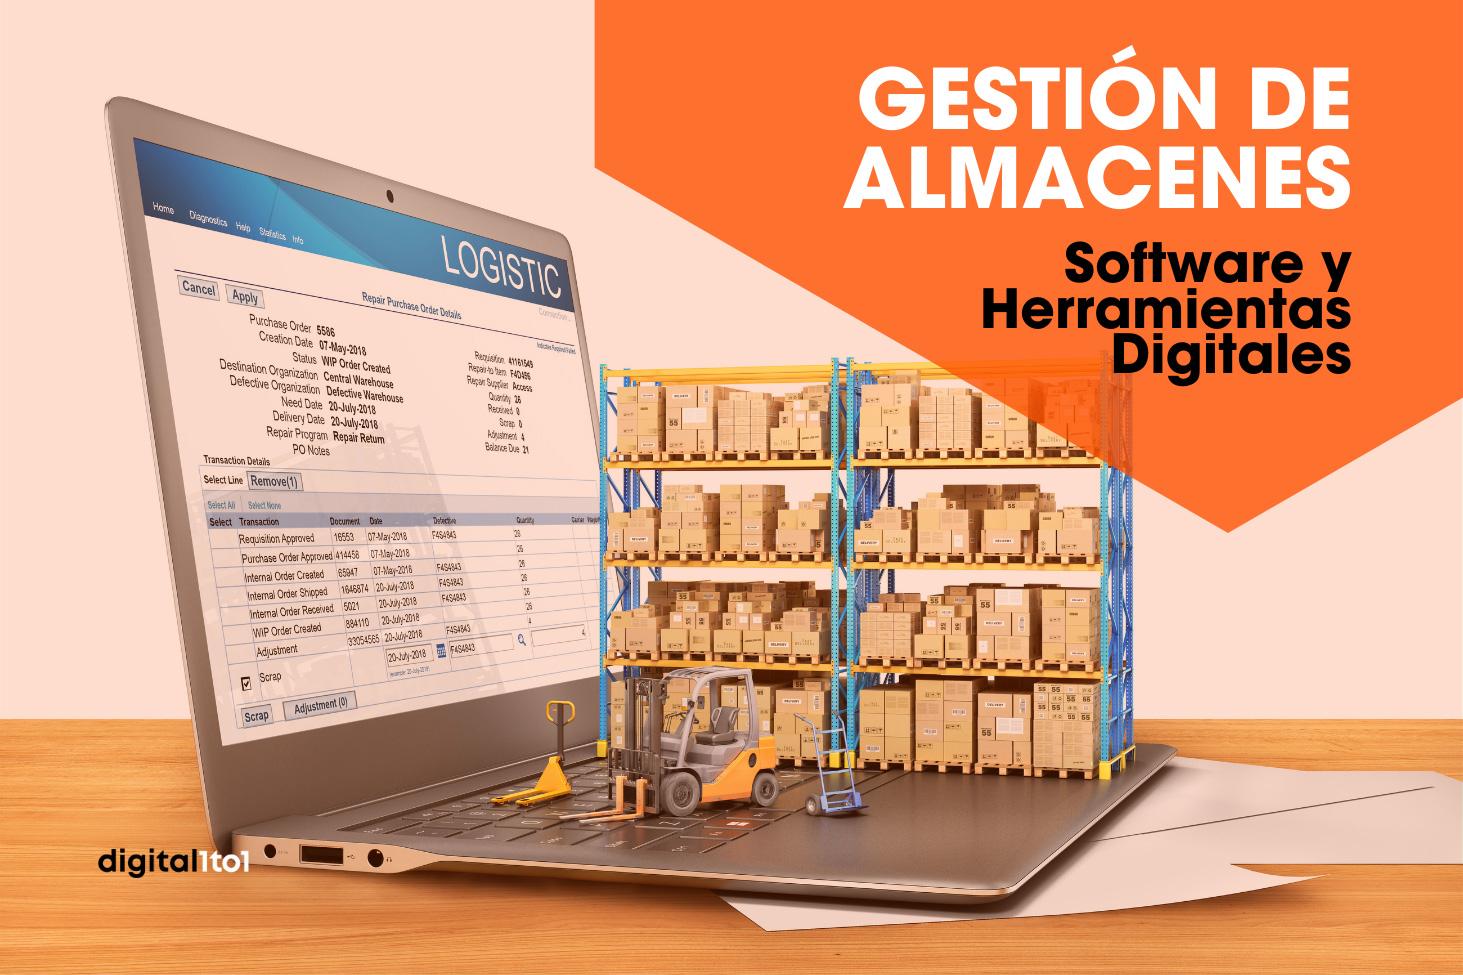 sistemas gestion almacenes